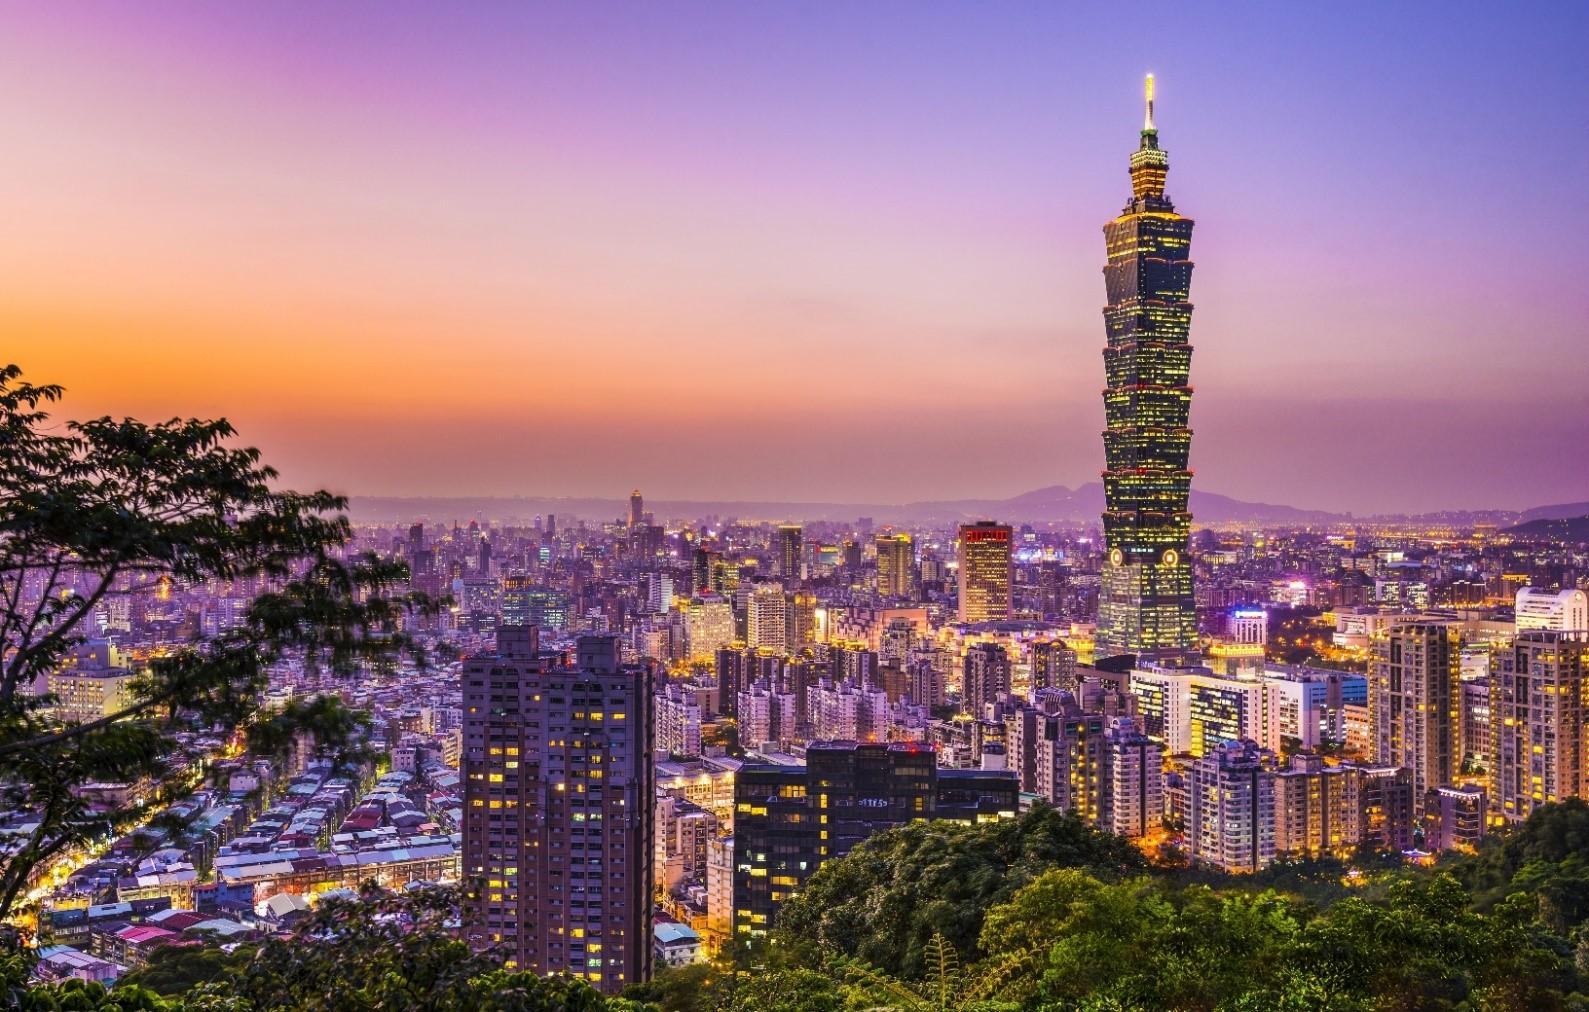 ทัวร์ไต้หวัน-SUPER-TAIWAN-ไทเป-ไทจง-หมู่บ้านสายรุ้ง-5วัน3คืน-(MAR-MAY19)-XW-T35